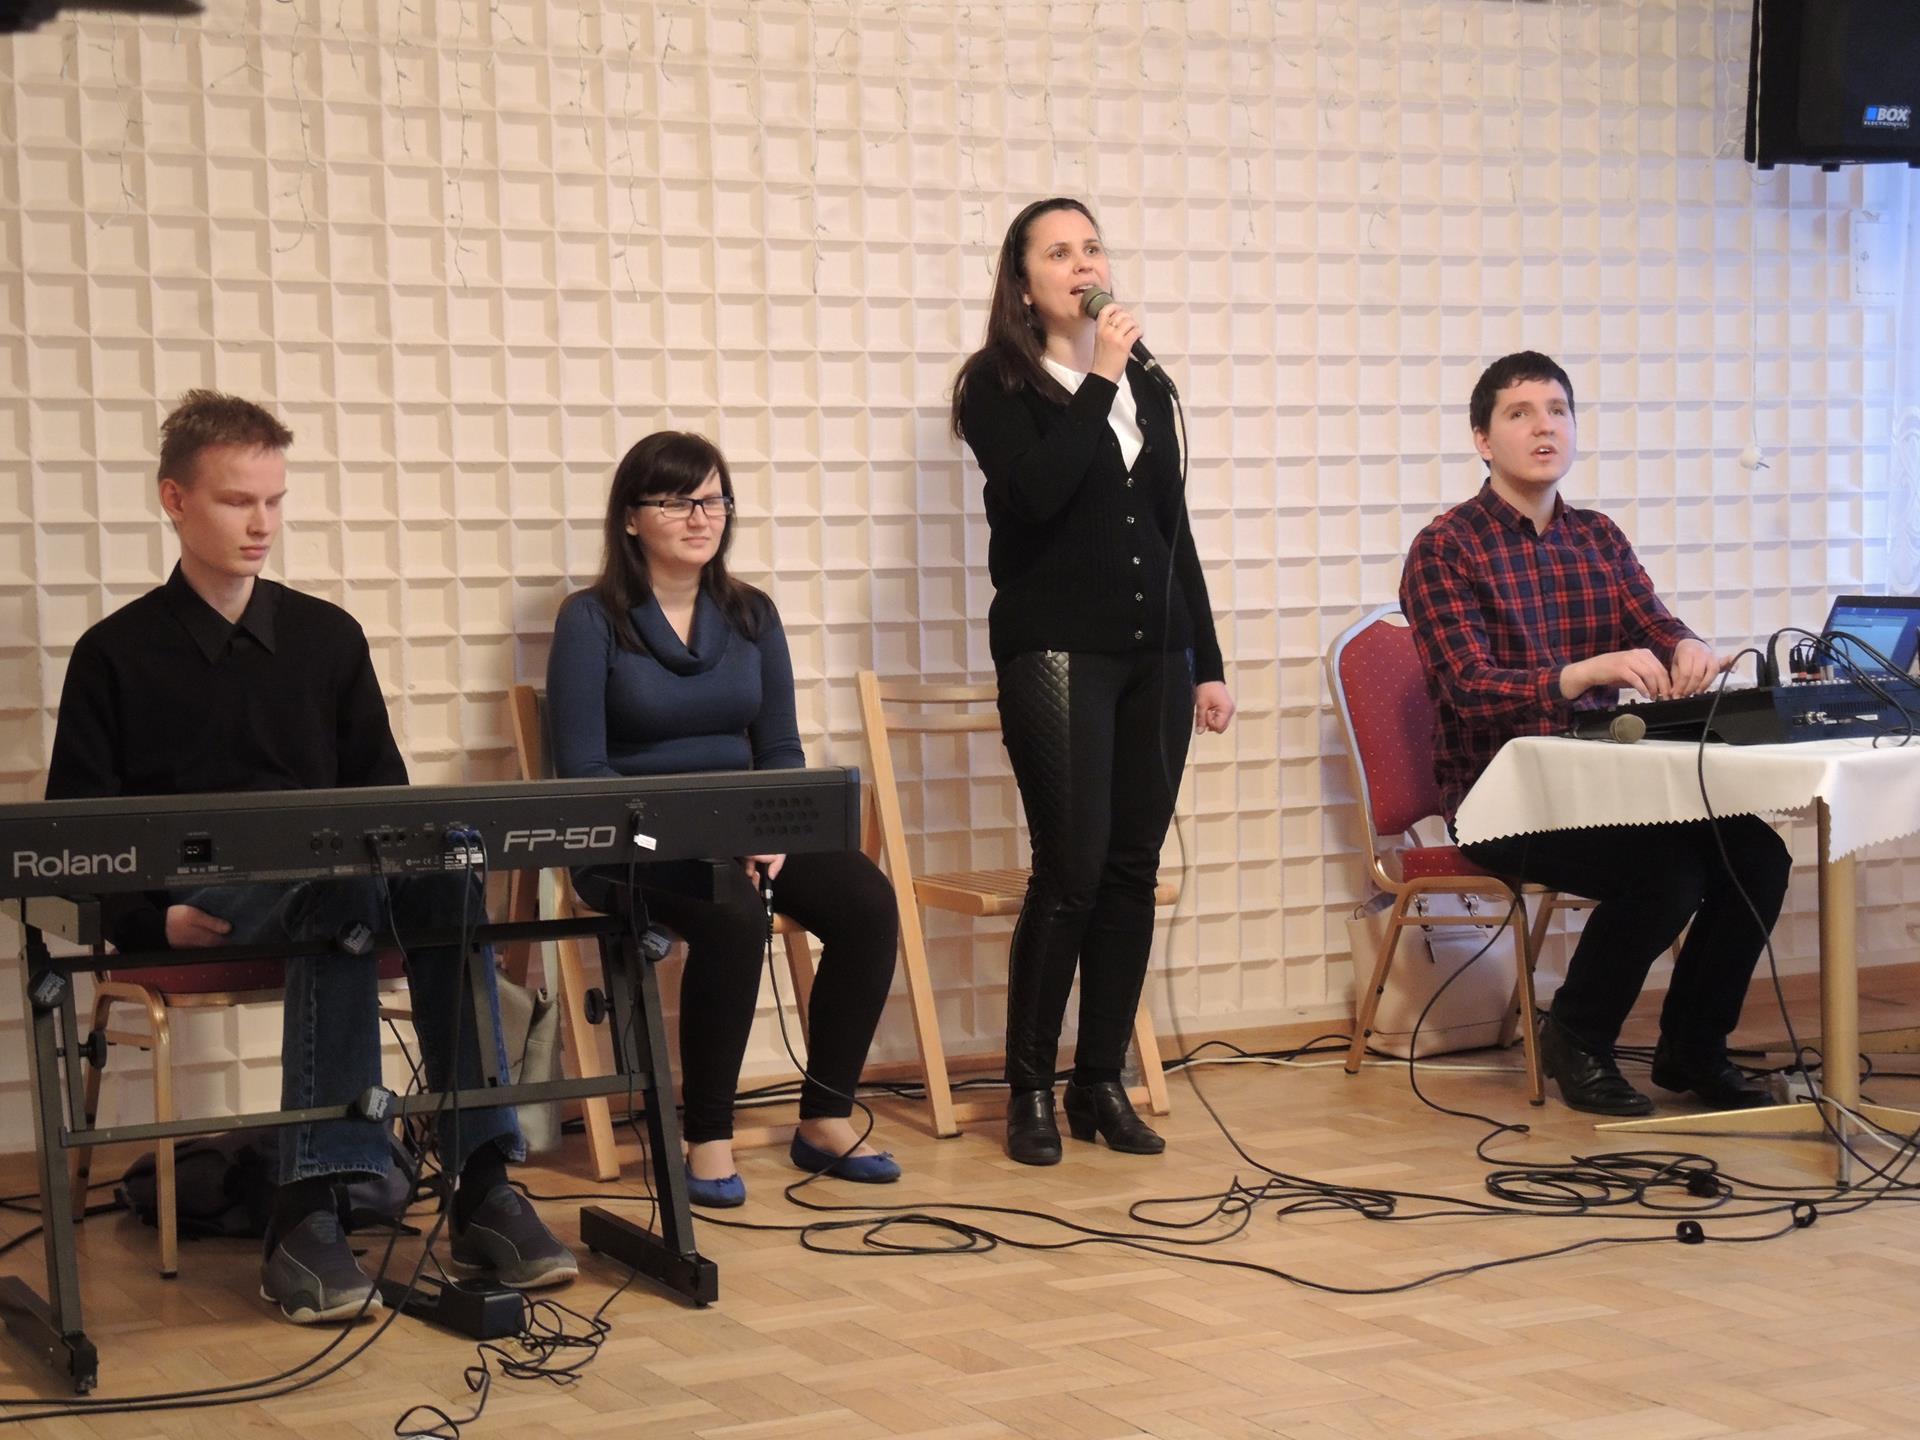 Kobieta stoi śpiewa, po jej prawej stronie siedzi kobieta i mężczyzna, mężczyzna ma przed sobą instrument klawiszowy. Po lewej stronie siedzi mężczyzna przy mikserze.